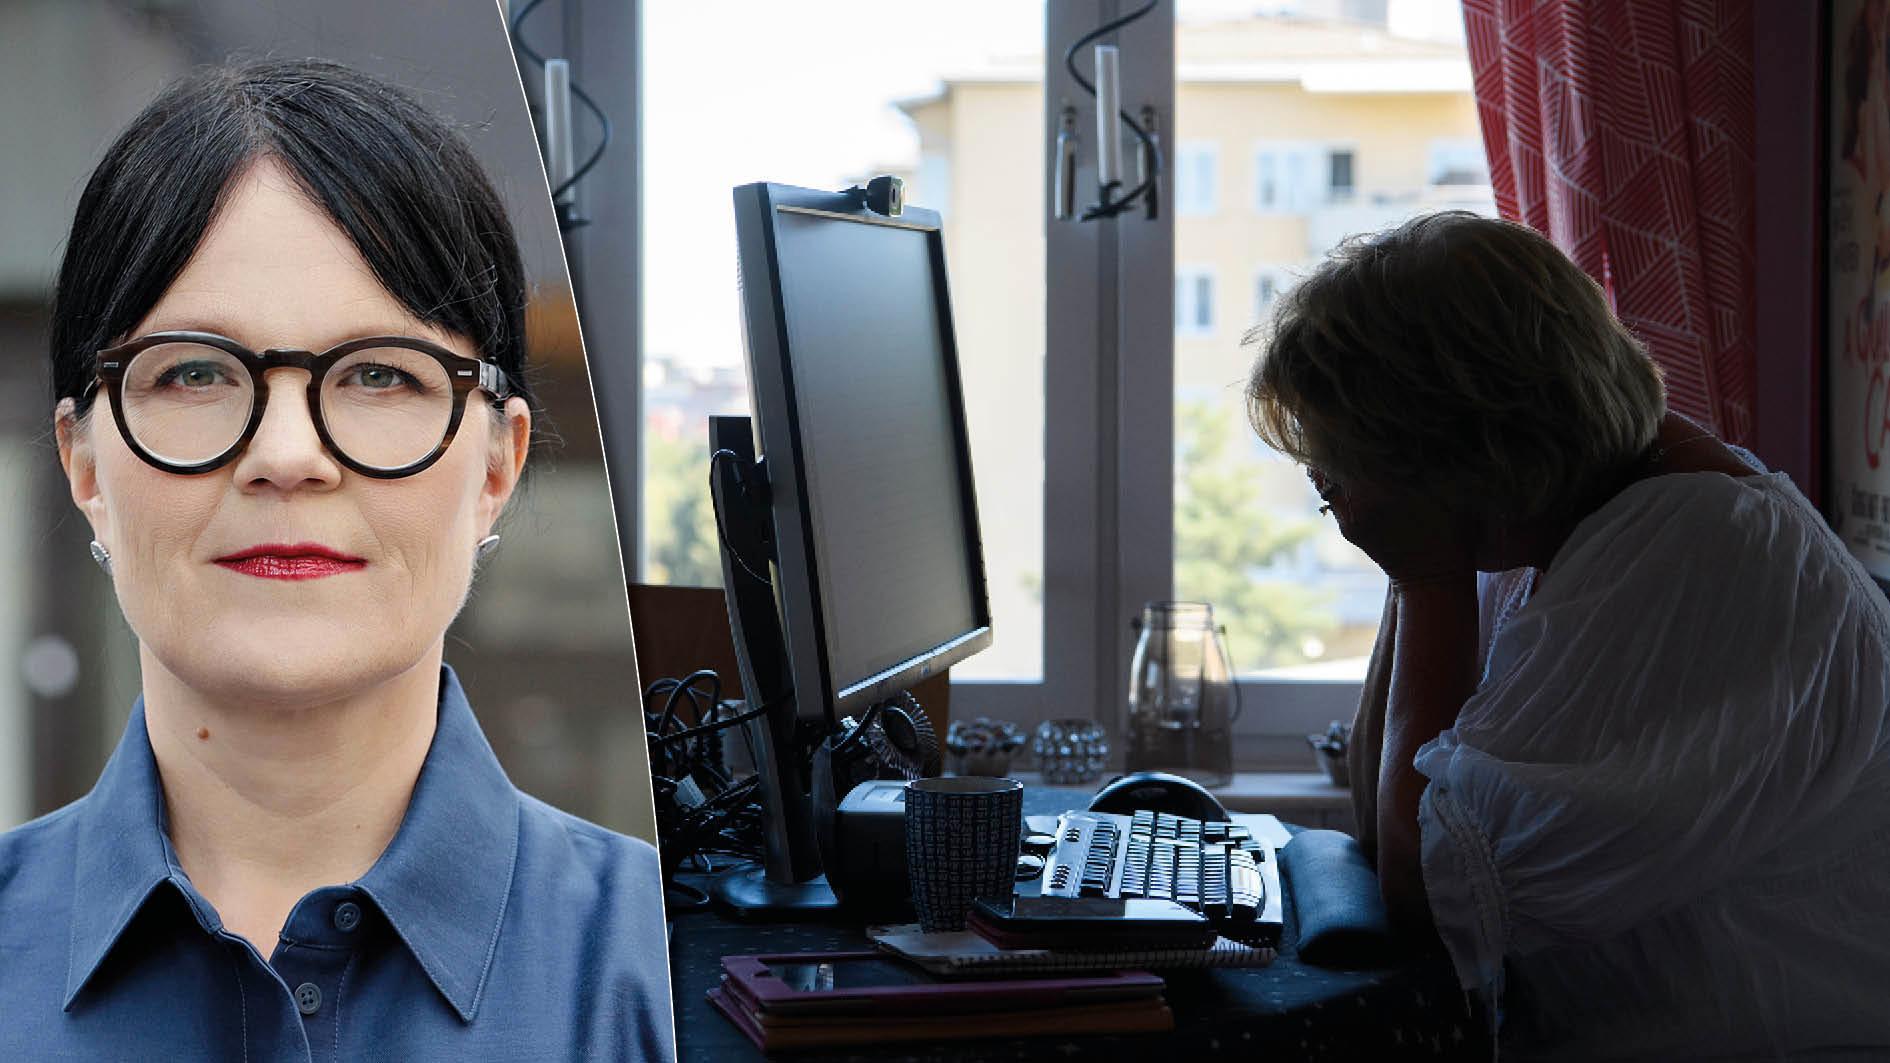 En ny undersökning visar att sju av tio svenska chefer befarar att medarbetare som distansarbetar riskerar att missgynnas när det gäller arbetsuppgifter och delaktighet. Formerna för distansarbetet är en avgörande fråga för framtidens arbetsliv, skriver Therese Svanström.